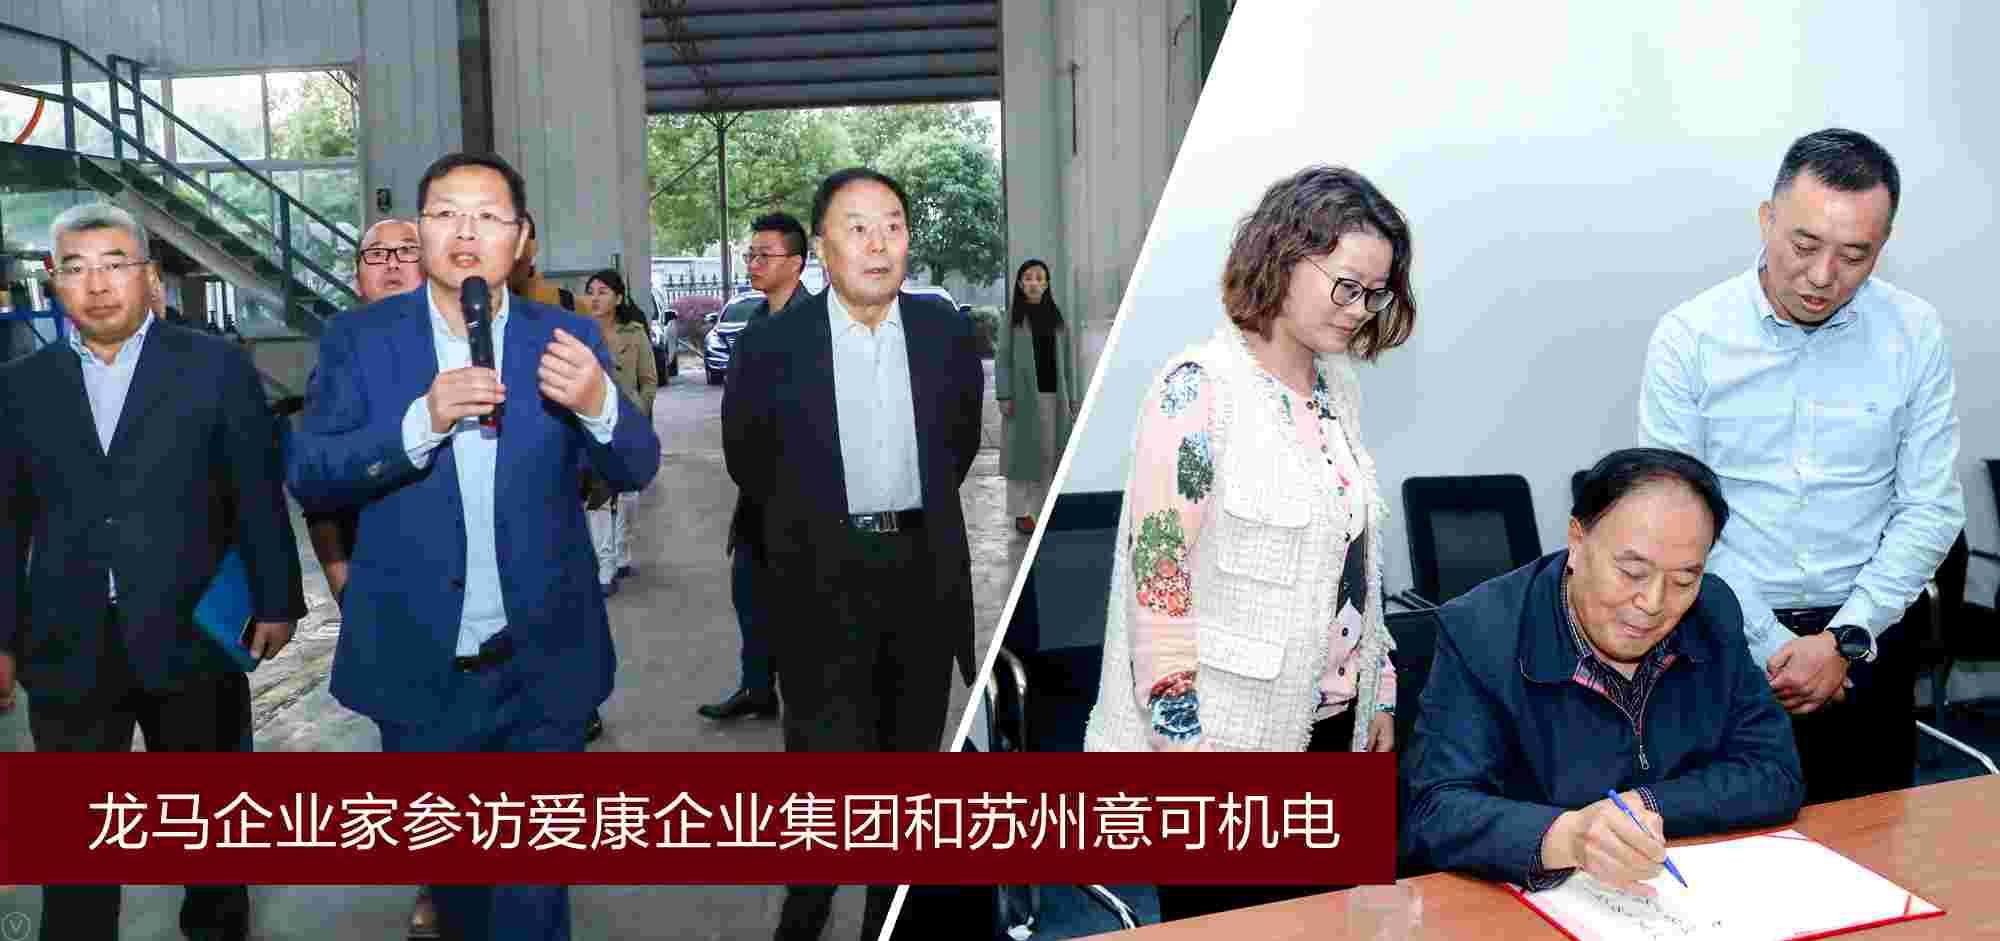 龙马企投家学员参访爱康企业集团